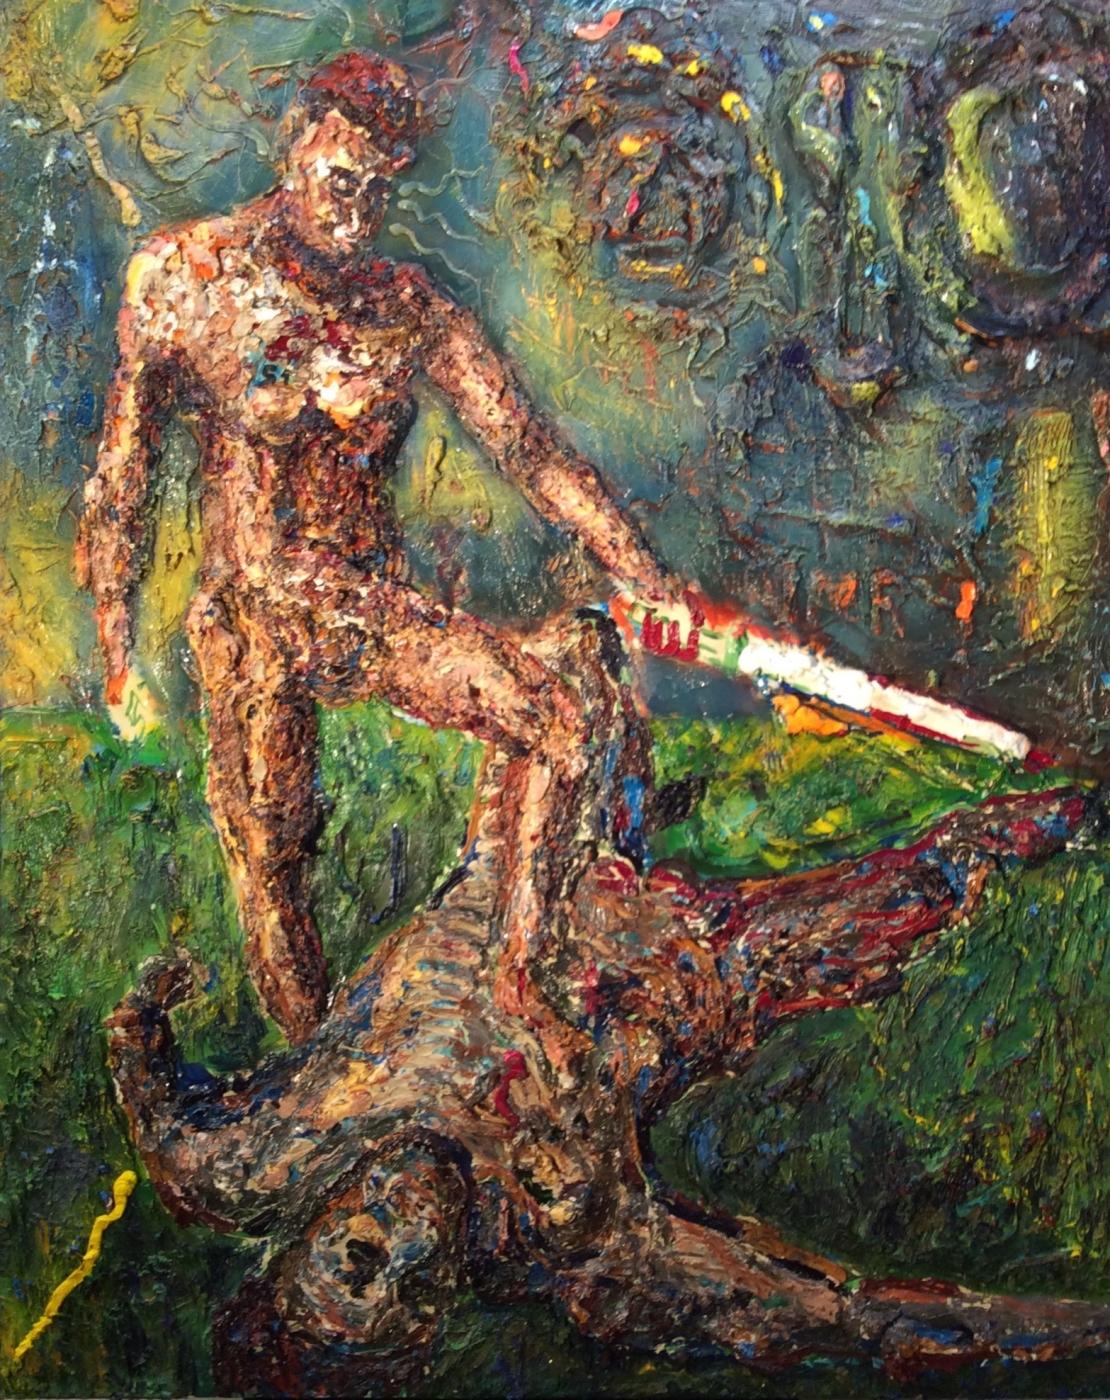 Everardo de David and Ramón de Goliath , 2016 Mixed media 52 x 40 inches Courtesy of the Artist